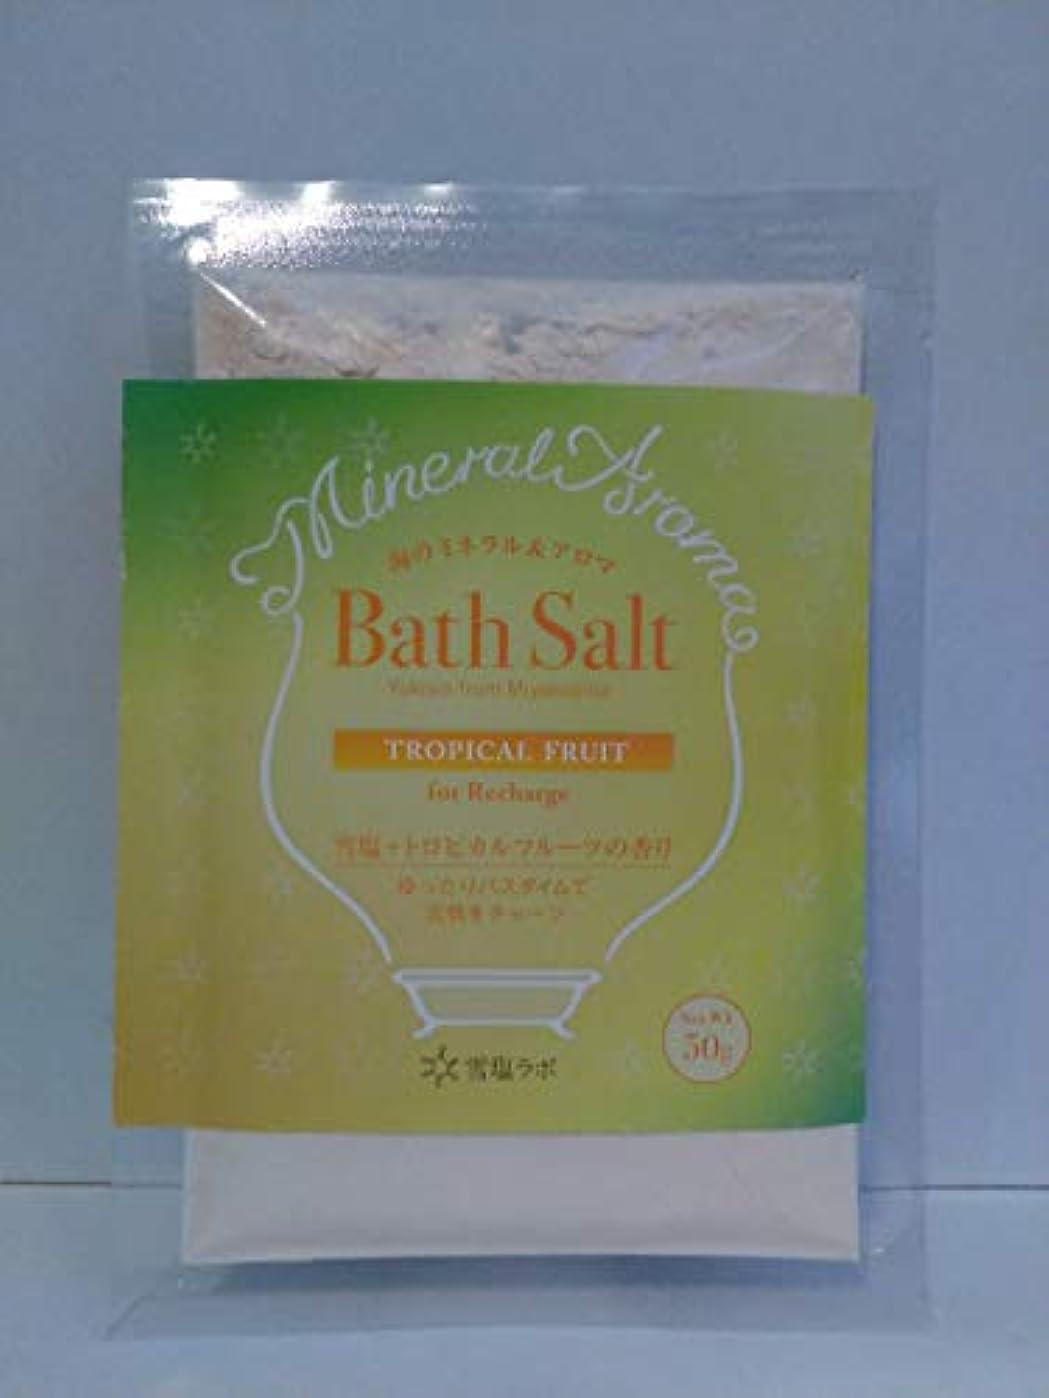 テラス割り当てます有利海のミネラル&アロマ Bath Salt 雪塩+トロピカルフルーツの香り